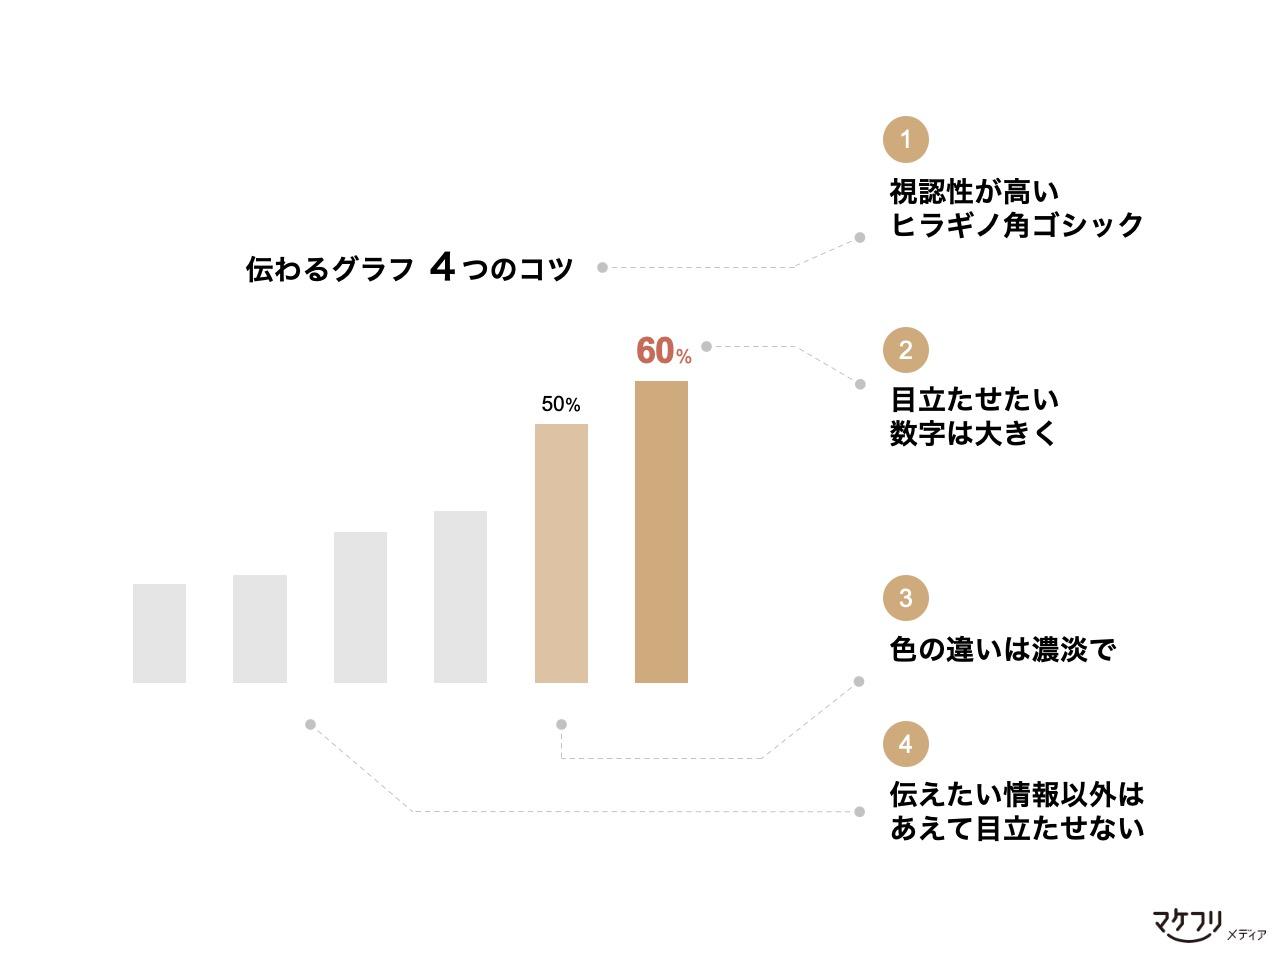 営業のグラフ作成4つのコツ